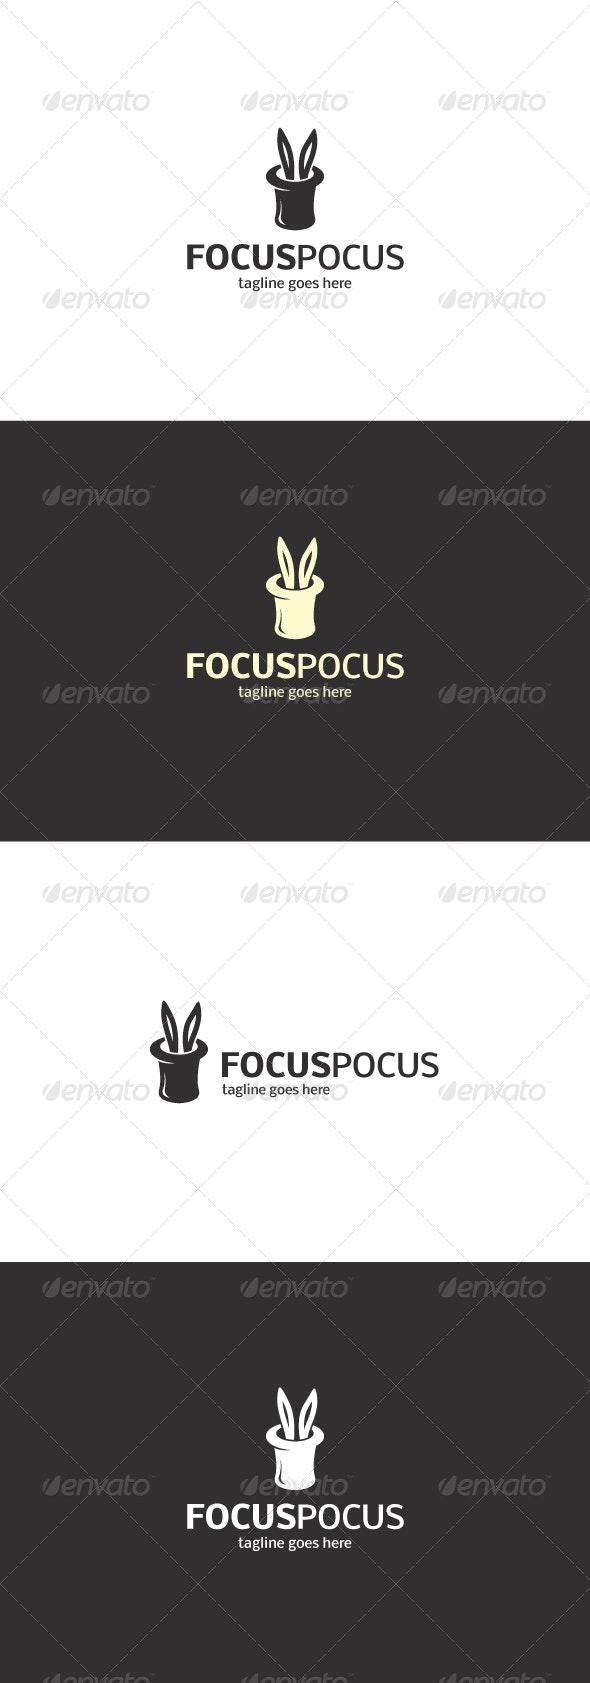 Focus Pocus Logo - Animals Logo Templates